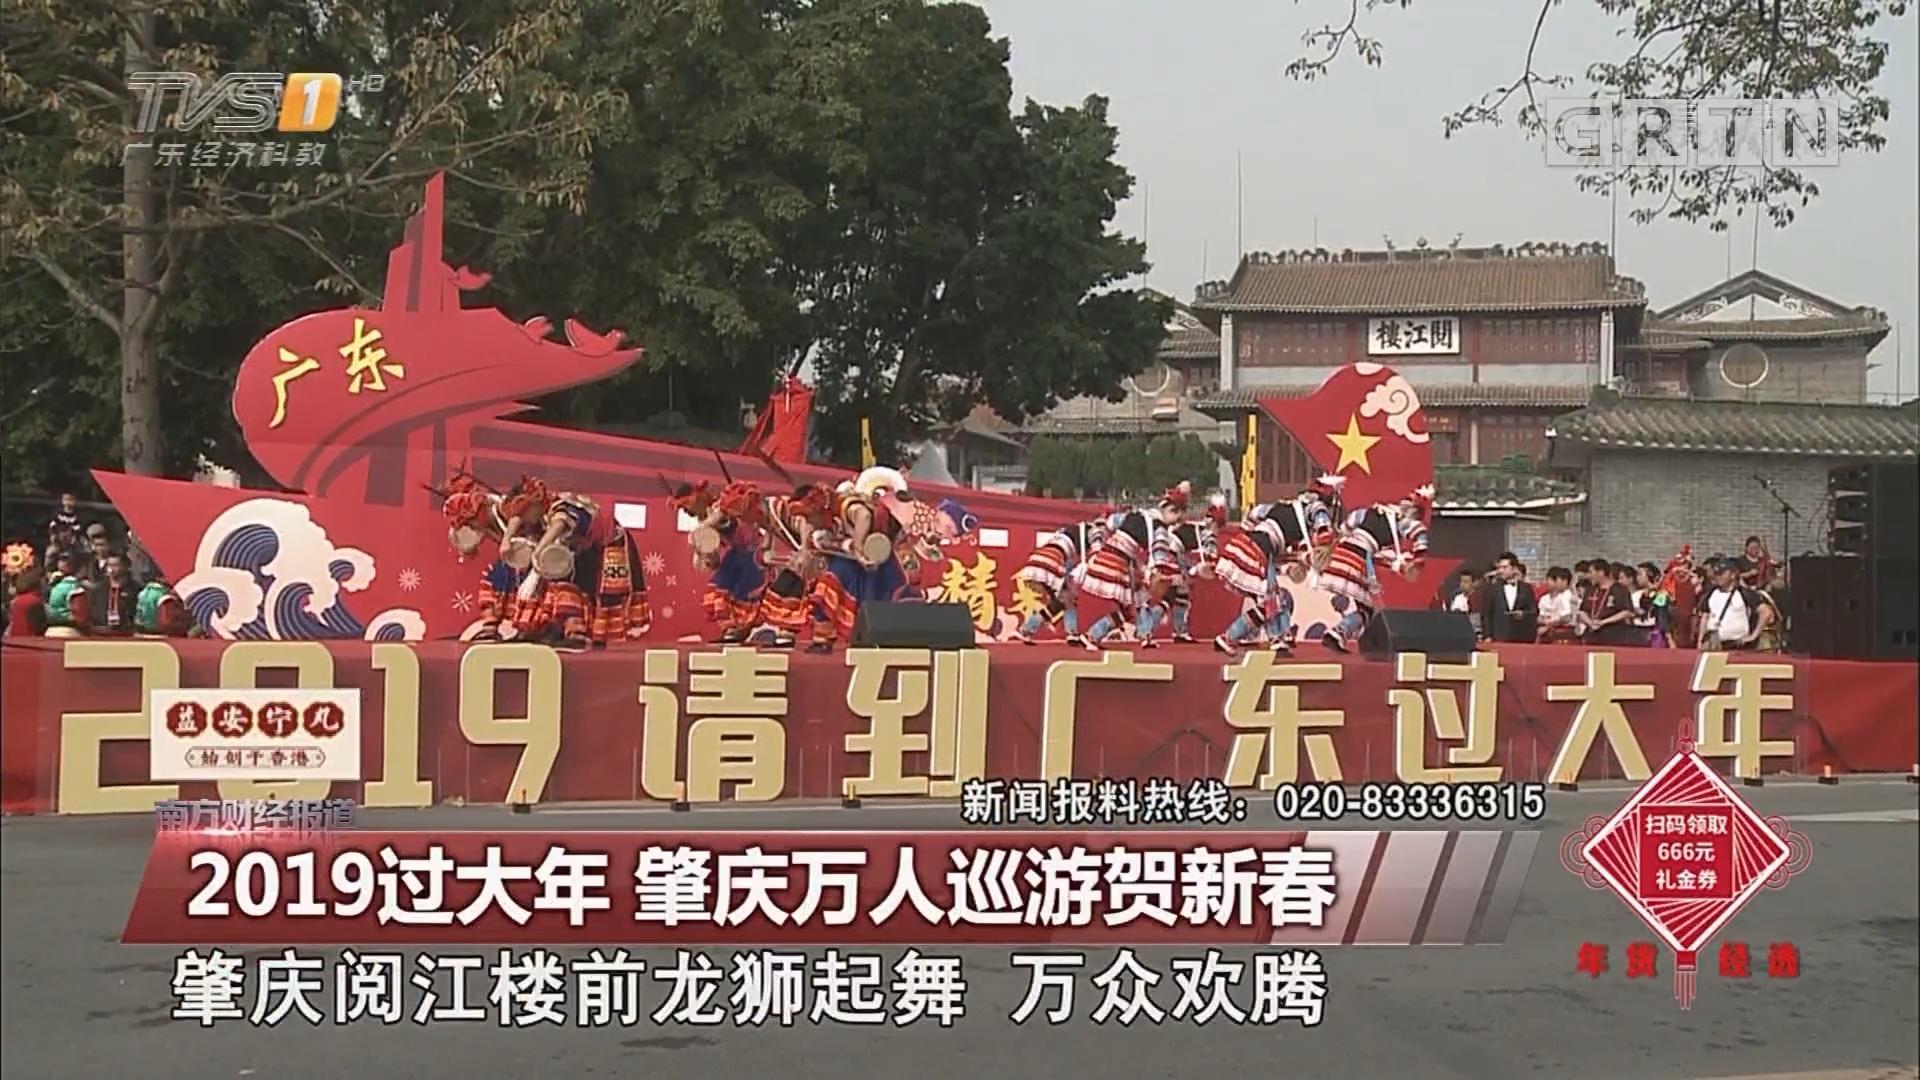 2019过大年 肇庆万人巡游贺新春